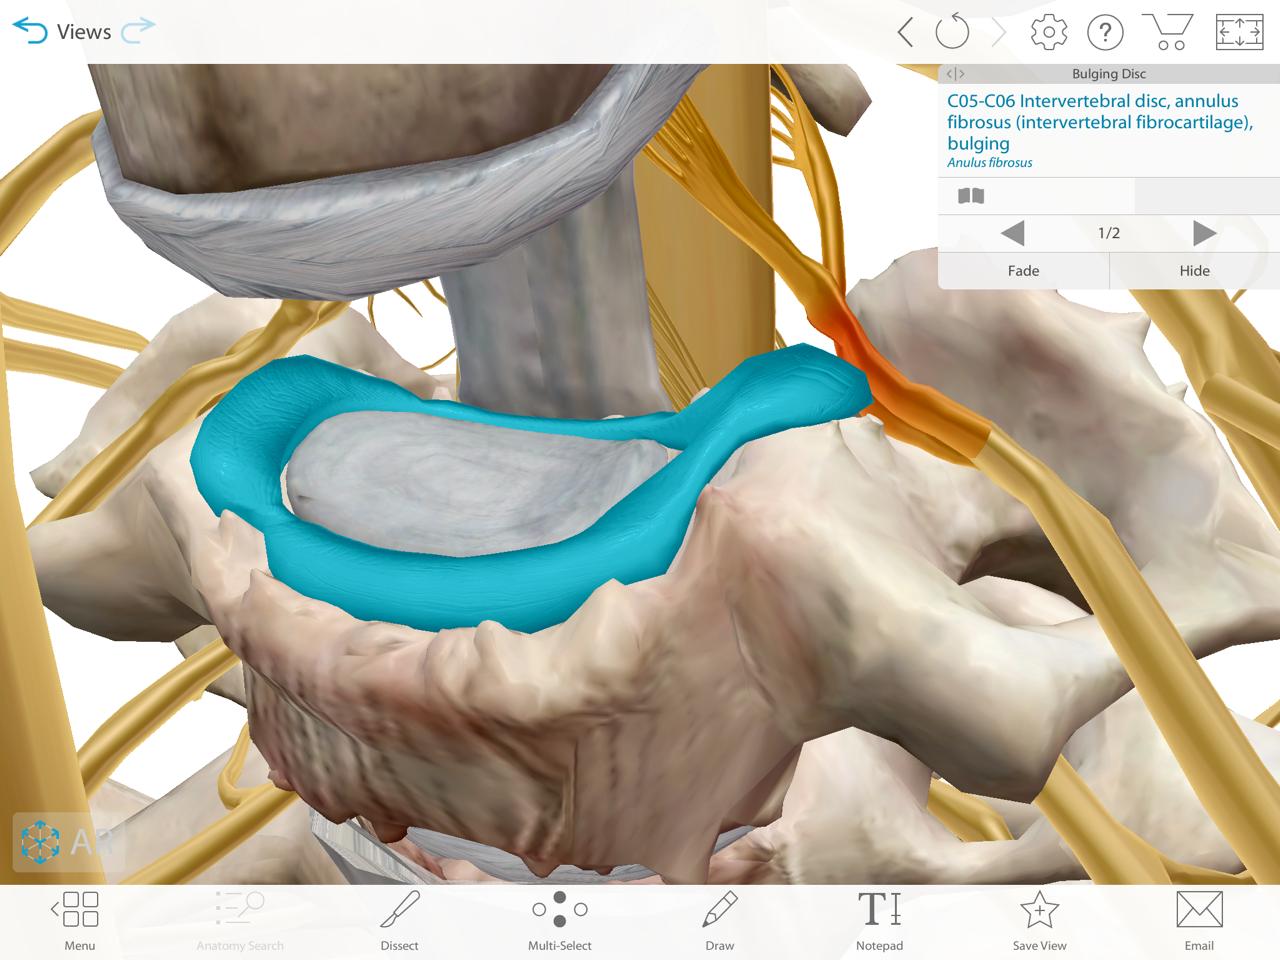 3D model of vertebra with bulging disc